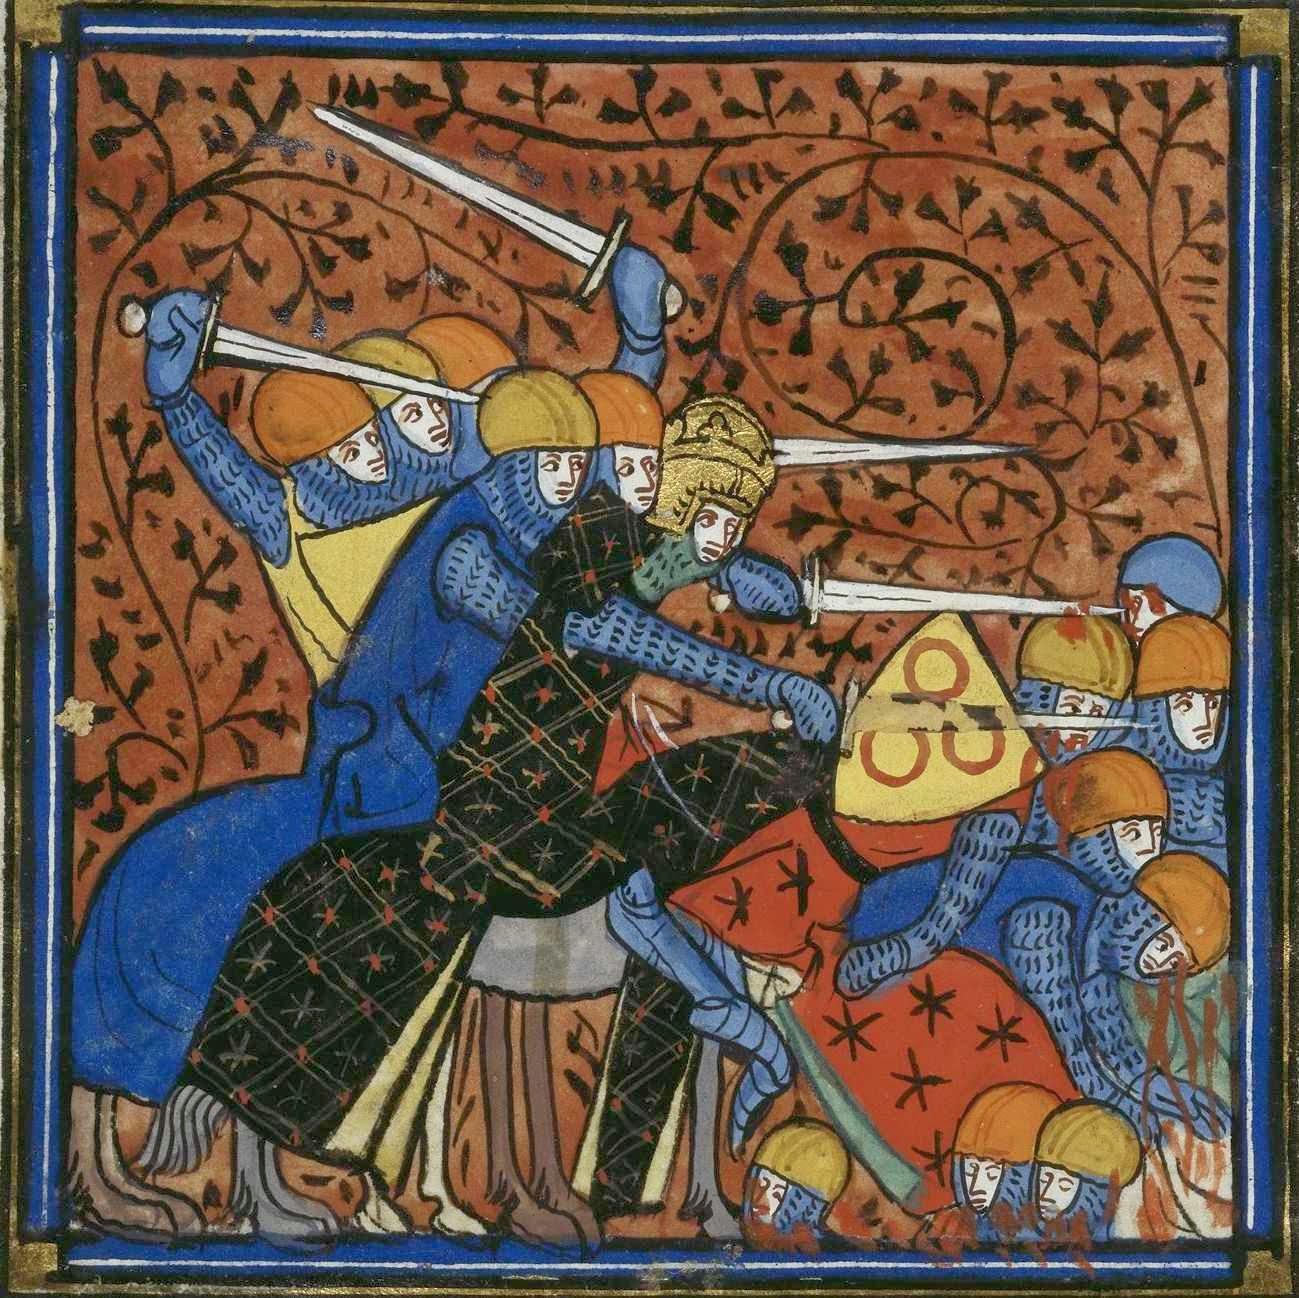 Carlomagno en batalla contra los sajones, British Library